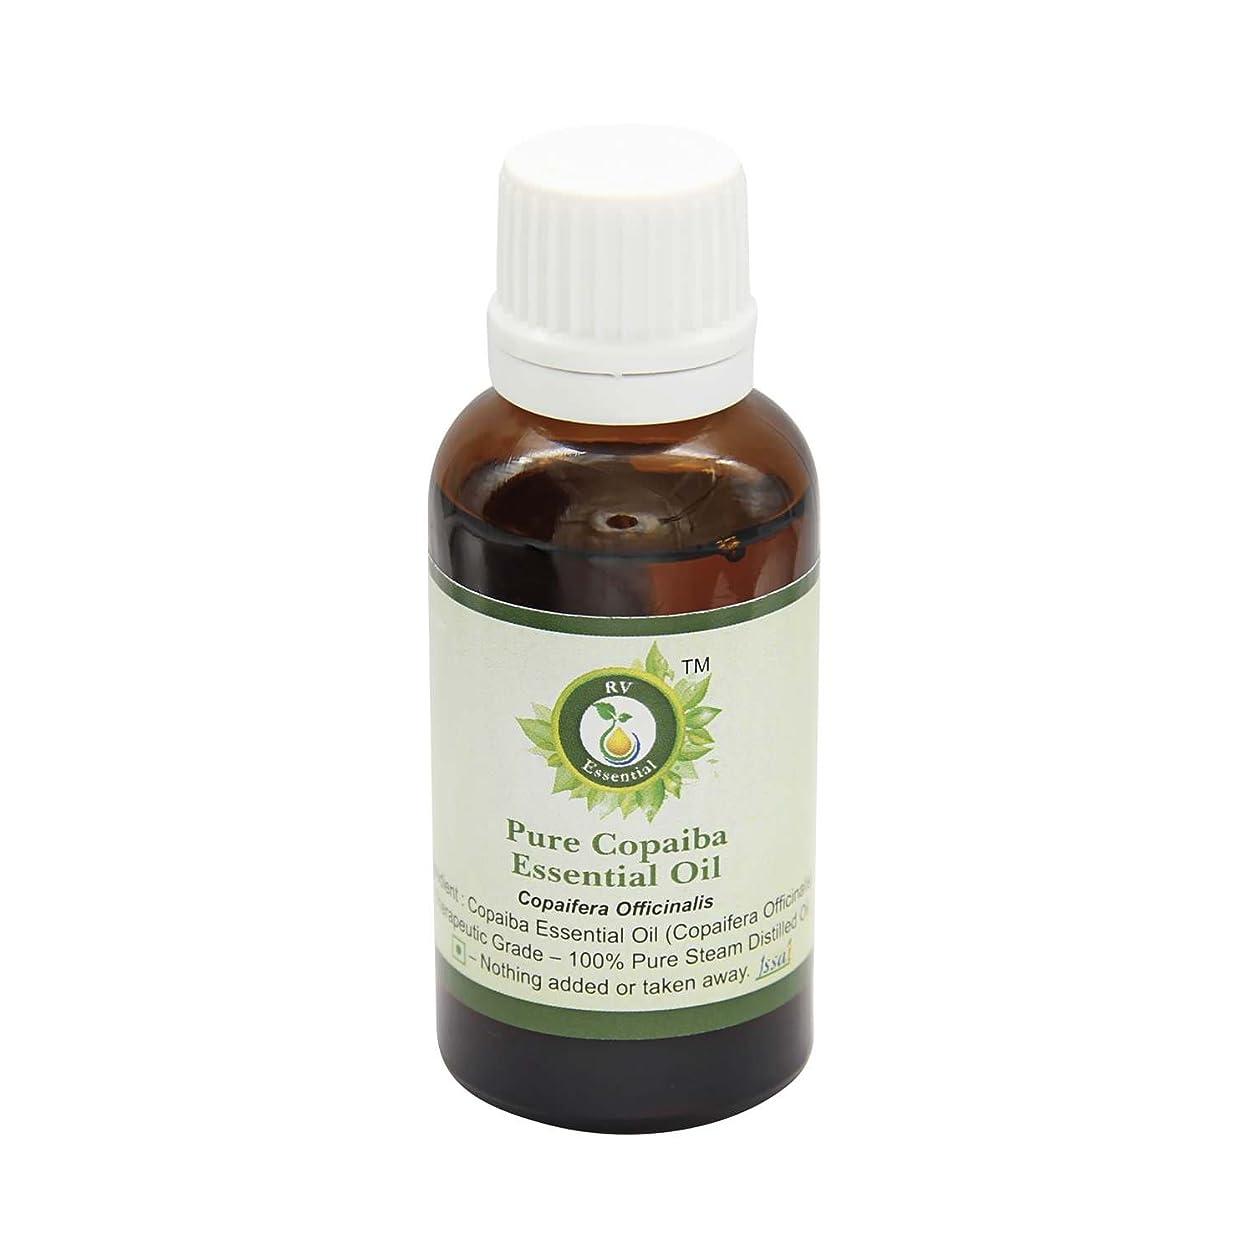 病んでいるエジプト人毎日R V Essential ピュアコパイバエッセンシャルオイル10ml (0.338oz)- Copaifera Officinalis (100%純粋&天然スチームDistilled) Pure Copaiba Essential Oil